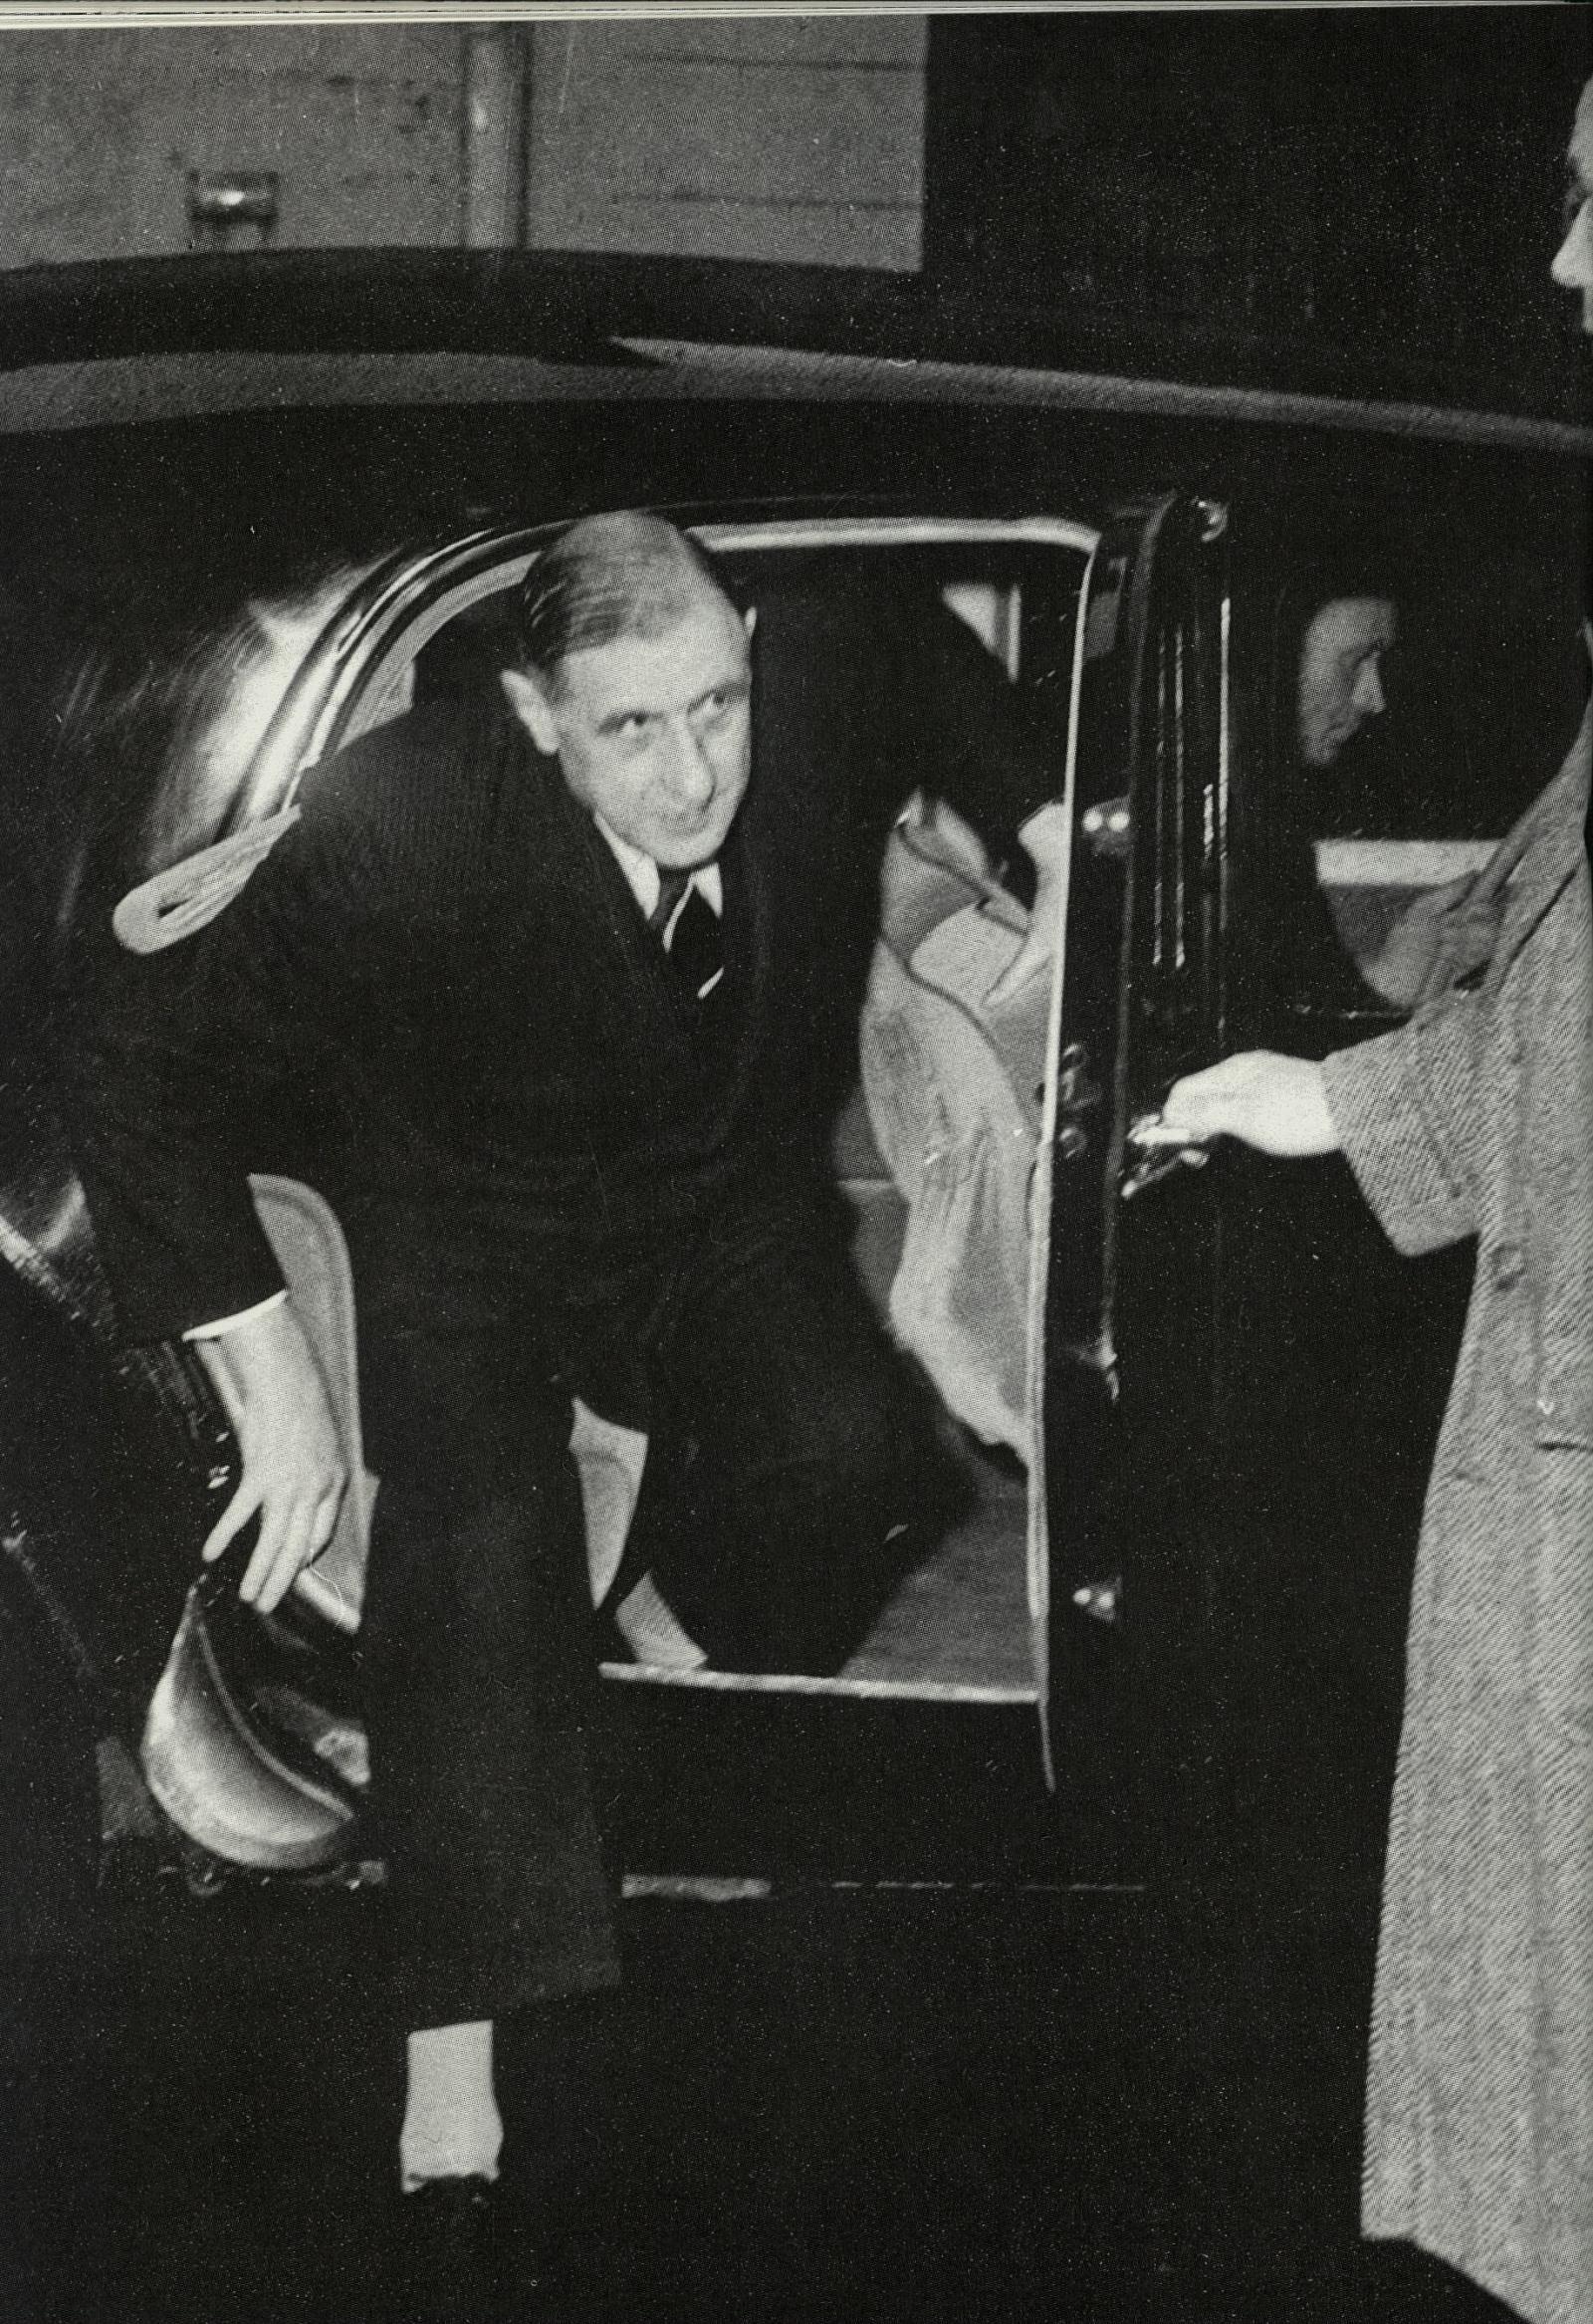 Le Président De Gaulle sortant d'une Traction Avant